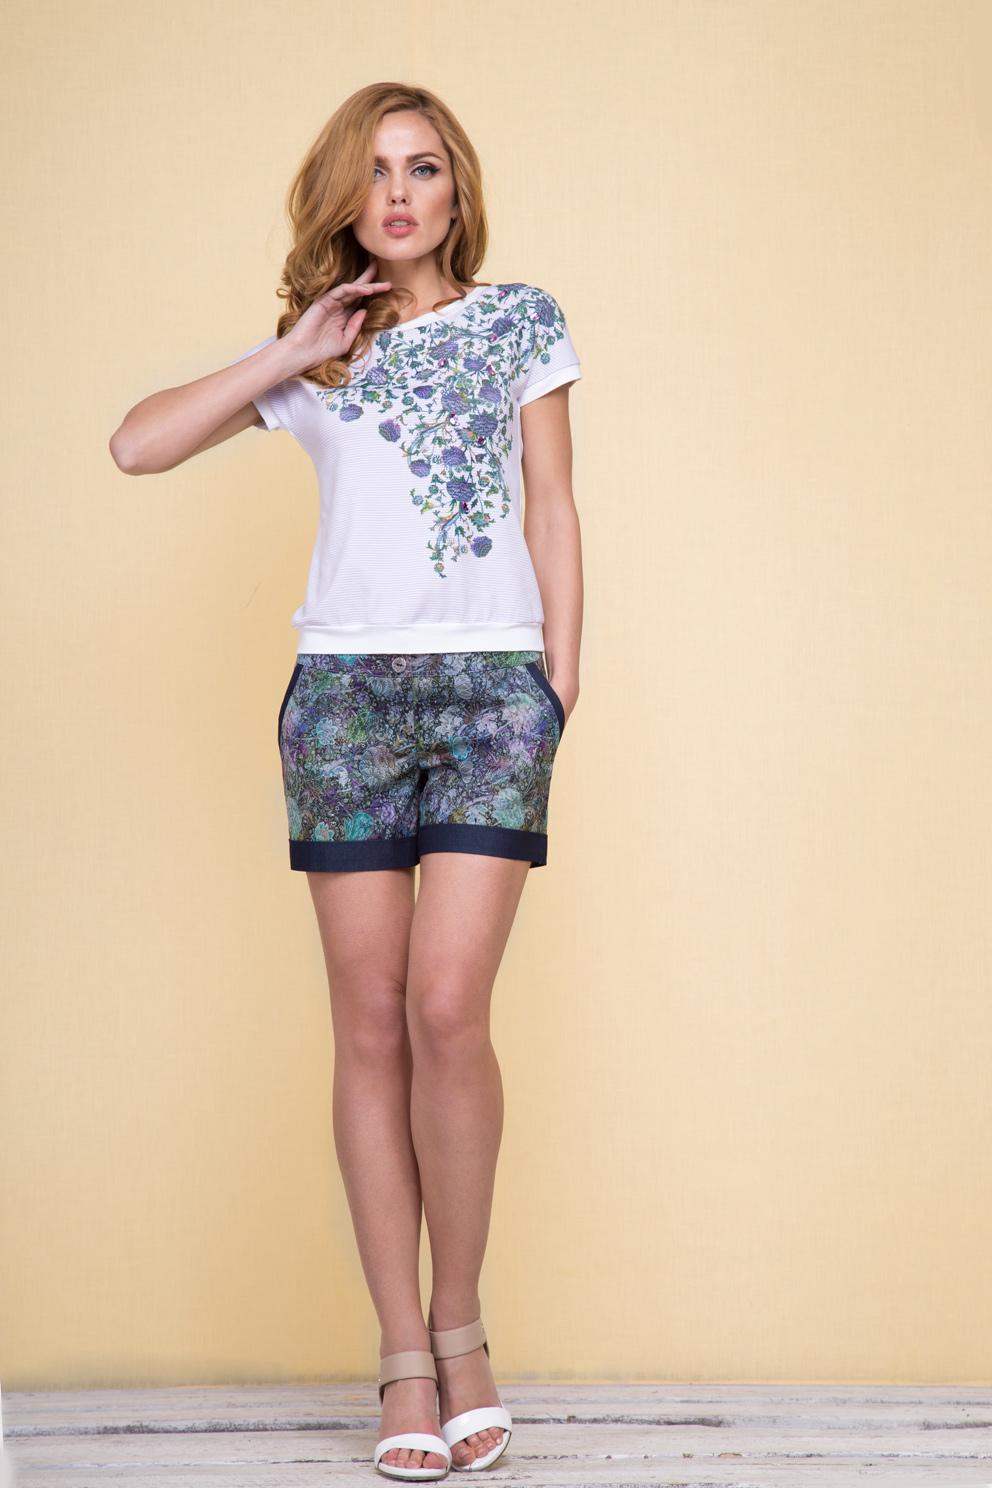 Сбор заказов. Отличная распродажа!!! Романтичная, натуральная, всегда красивая белорусская Lеntа.Чувственная, нежная, женственная, сводящая с ума-58!!! Очень низкие цены на брюки,юбки,блузы!!!